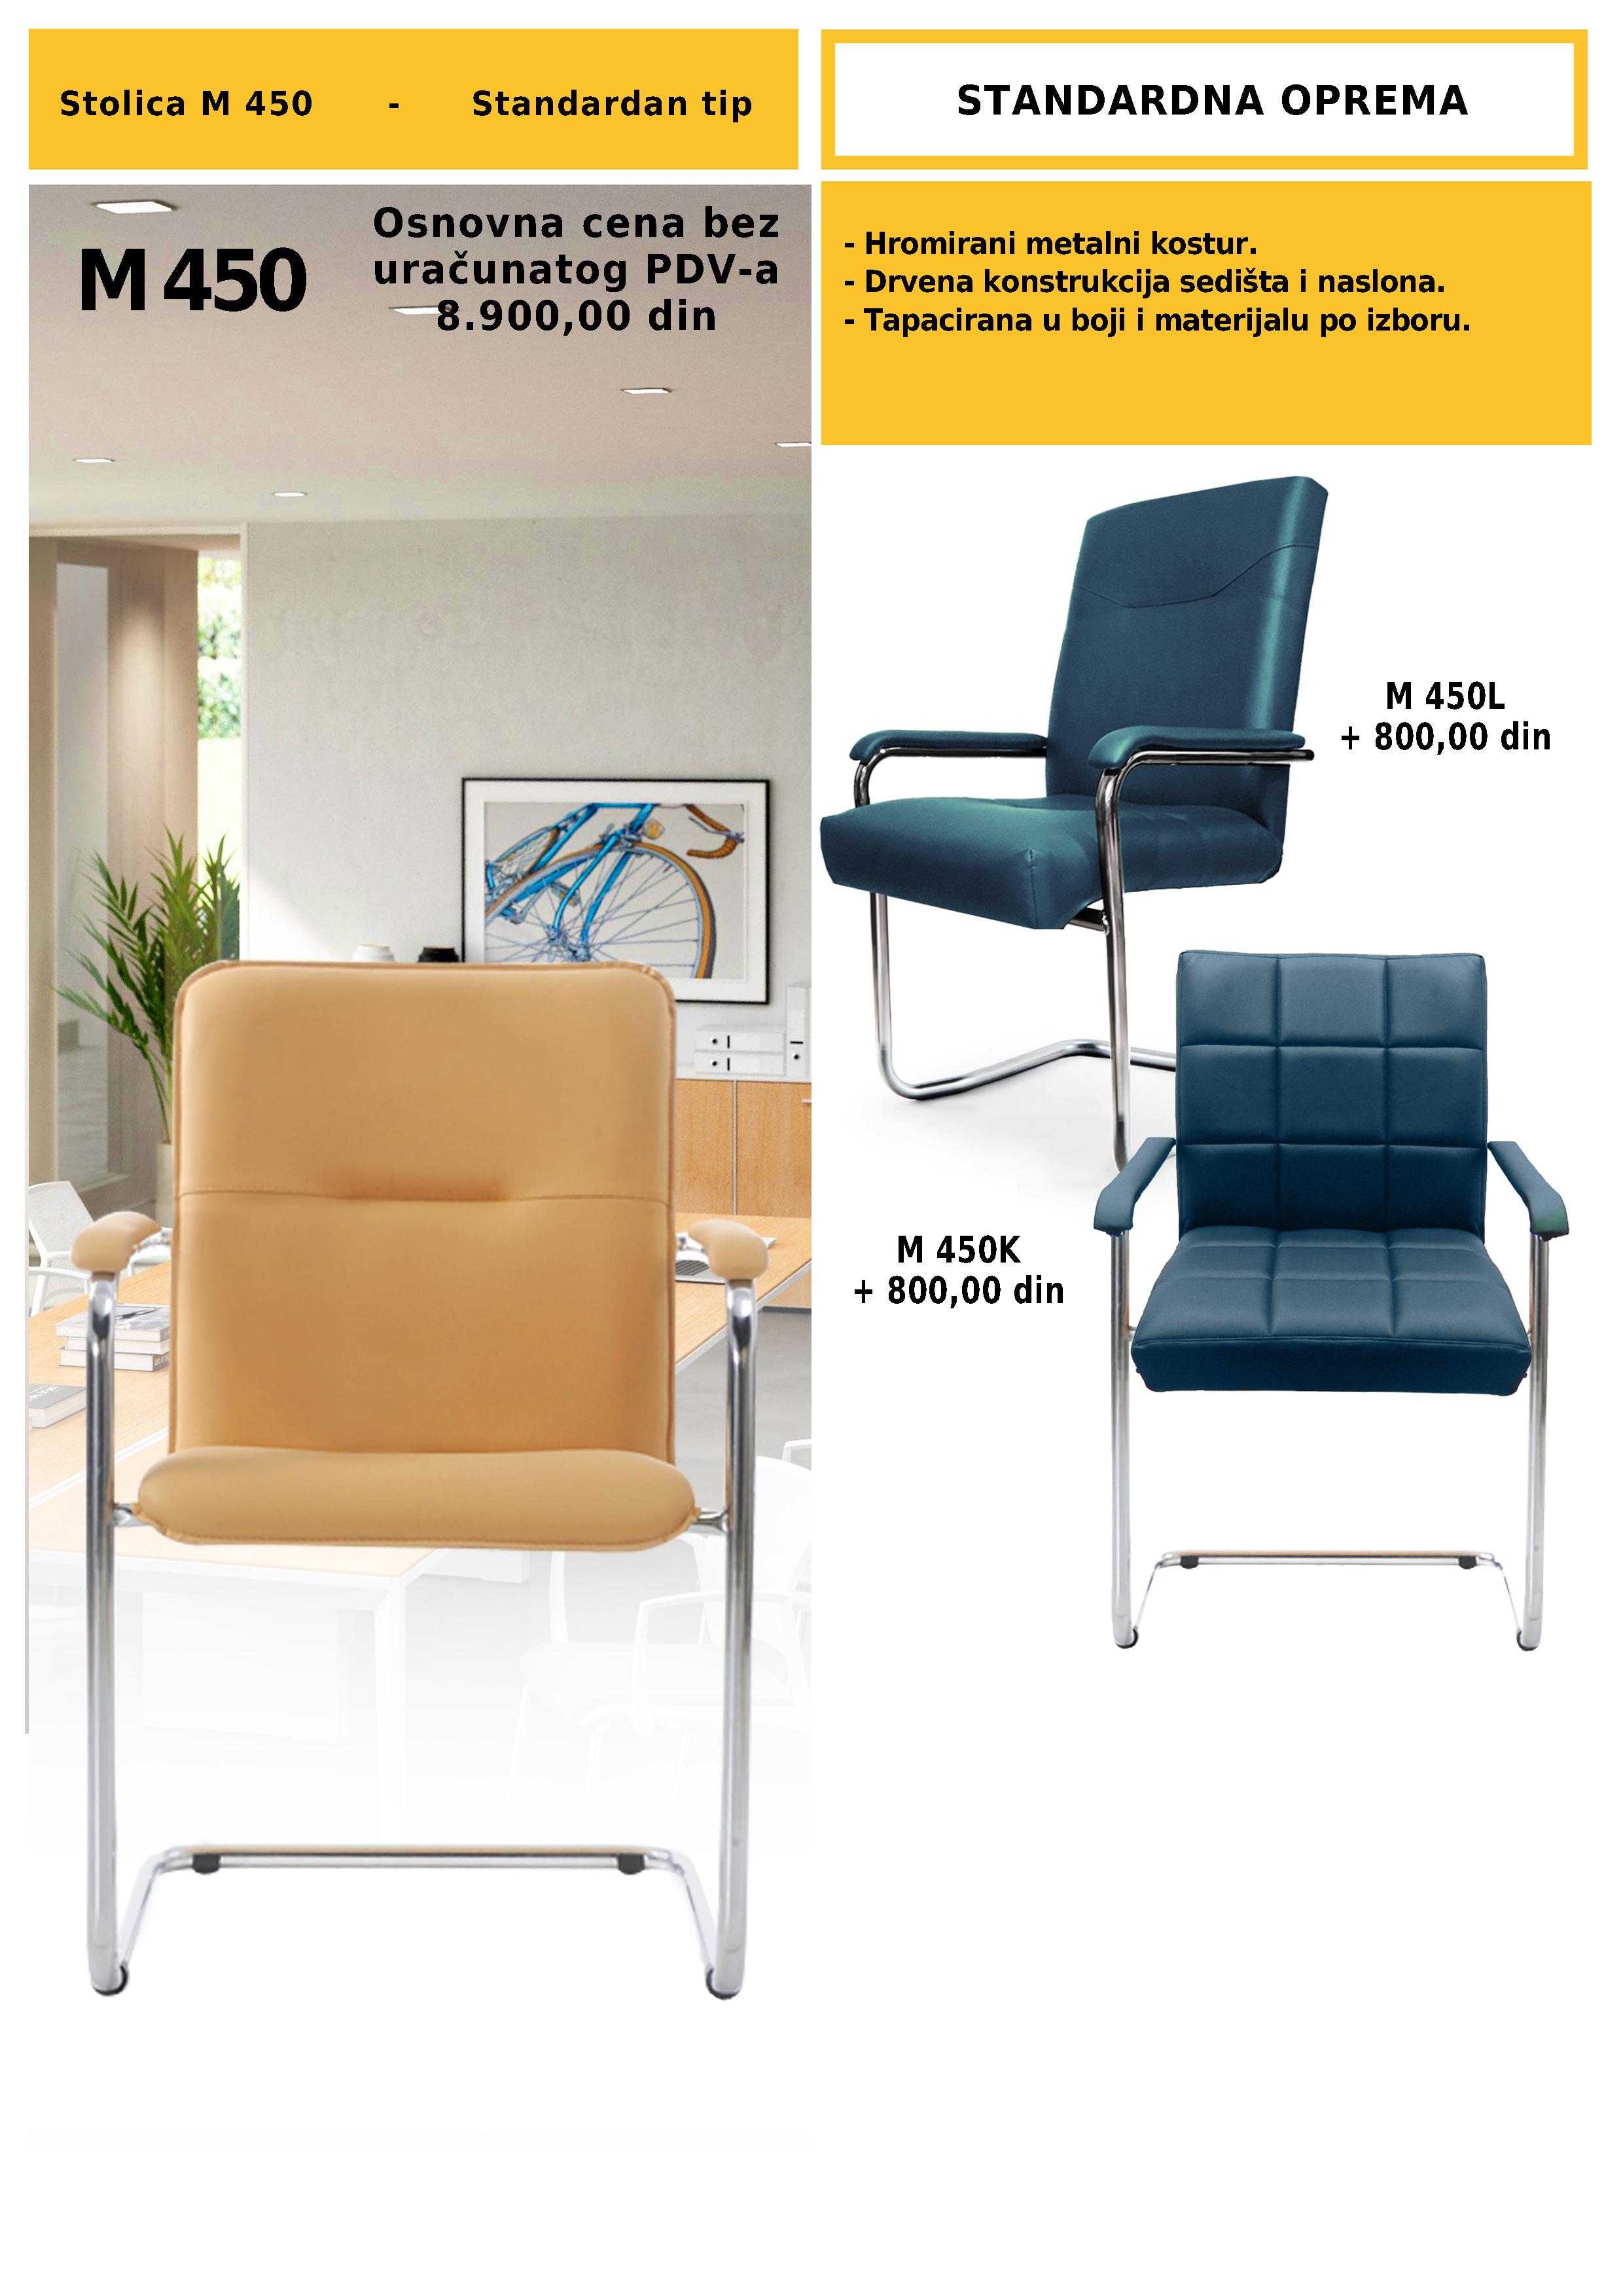 Konferencijska stolica M 450